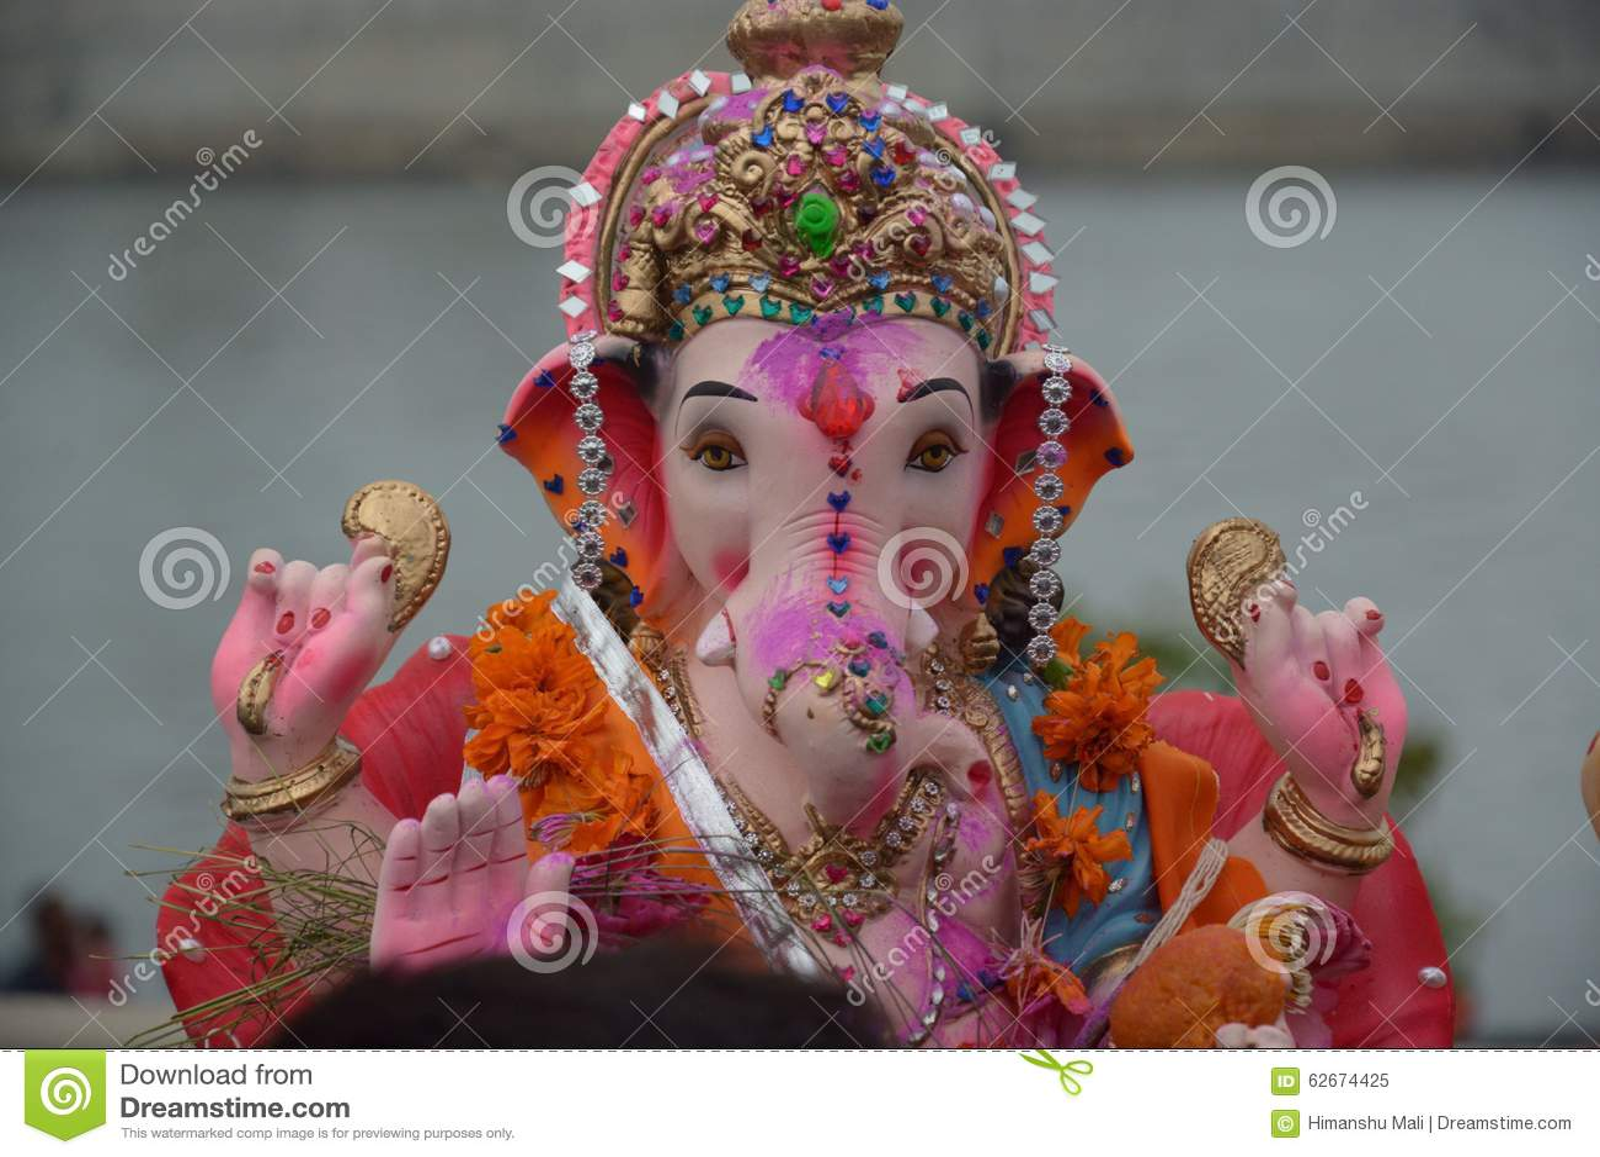 Download Images Of Ganpati Bappa: Ganpati Bappa Stock Photo